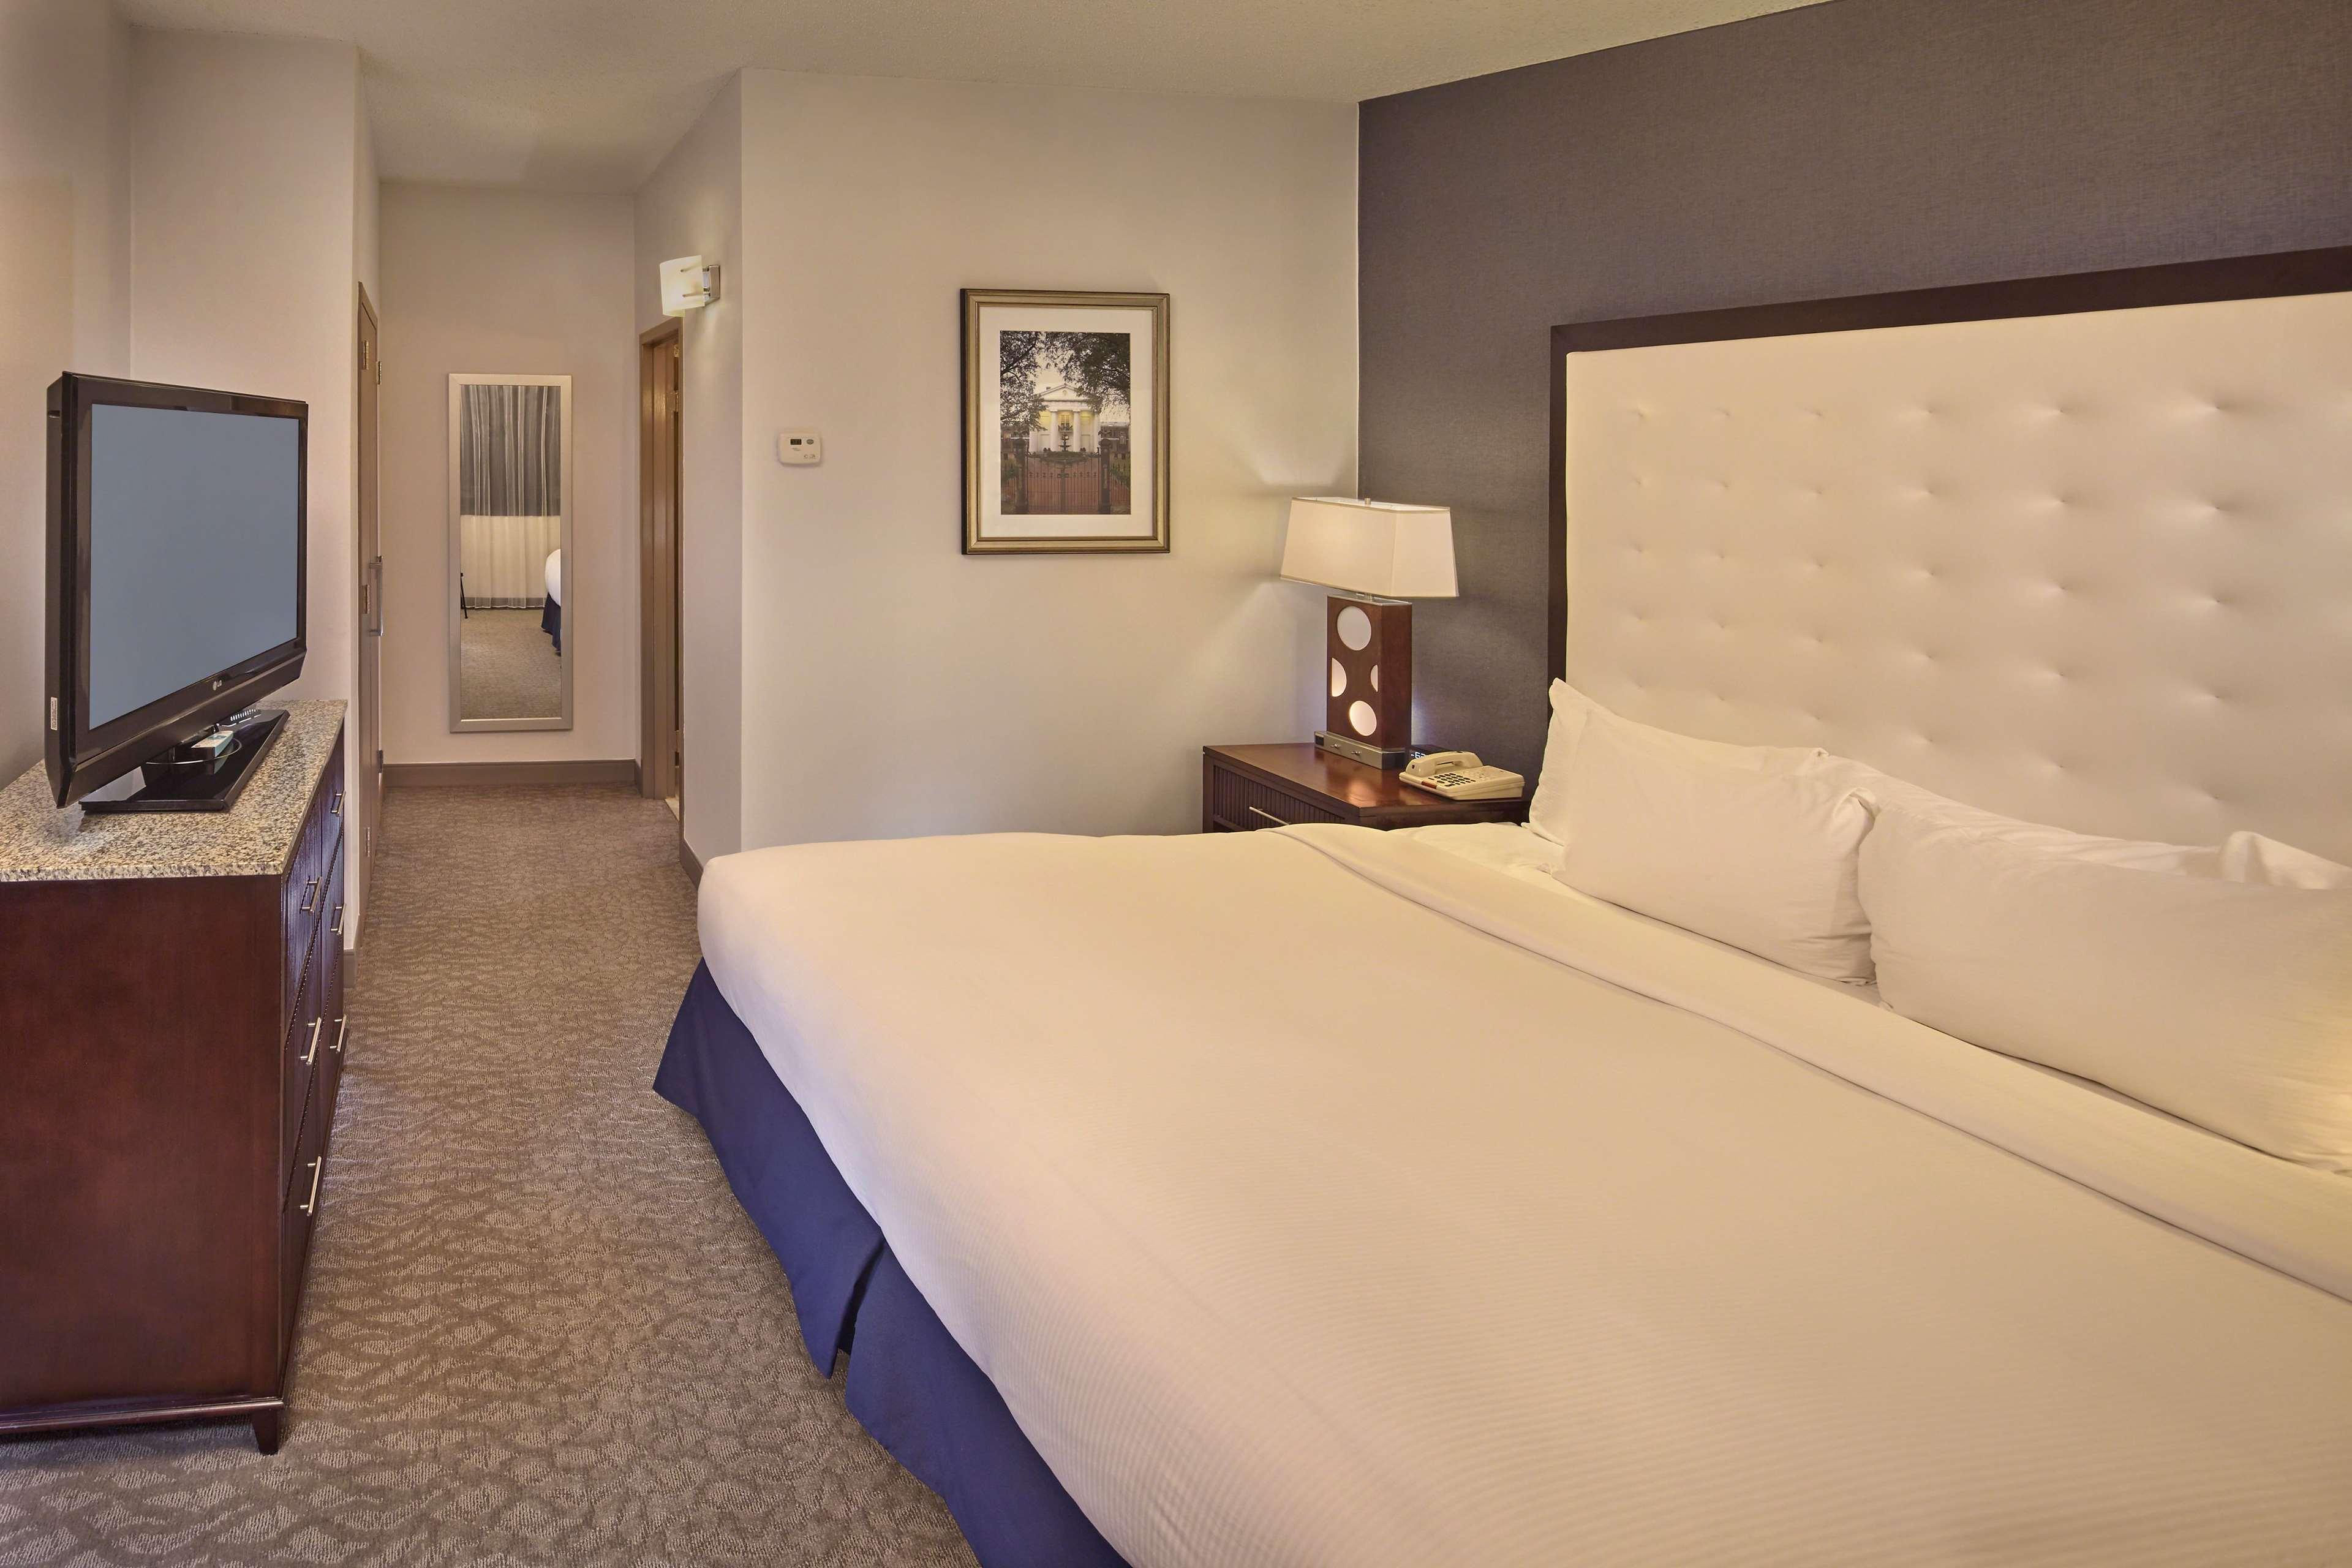 DoubleTree by Hilton Hotel Little Rock image 24